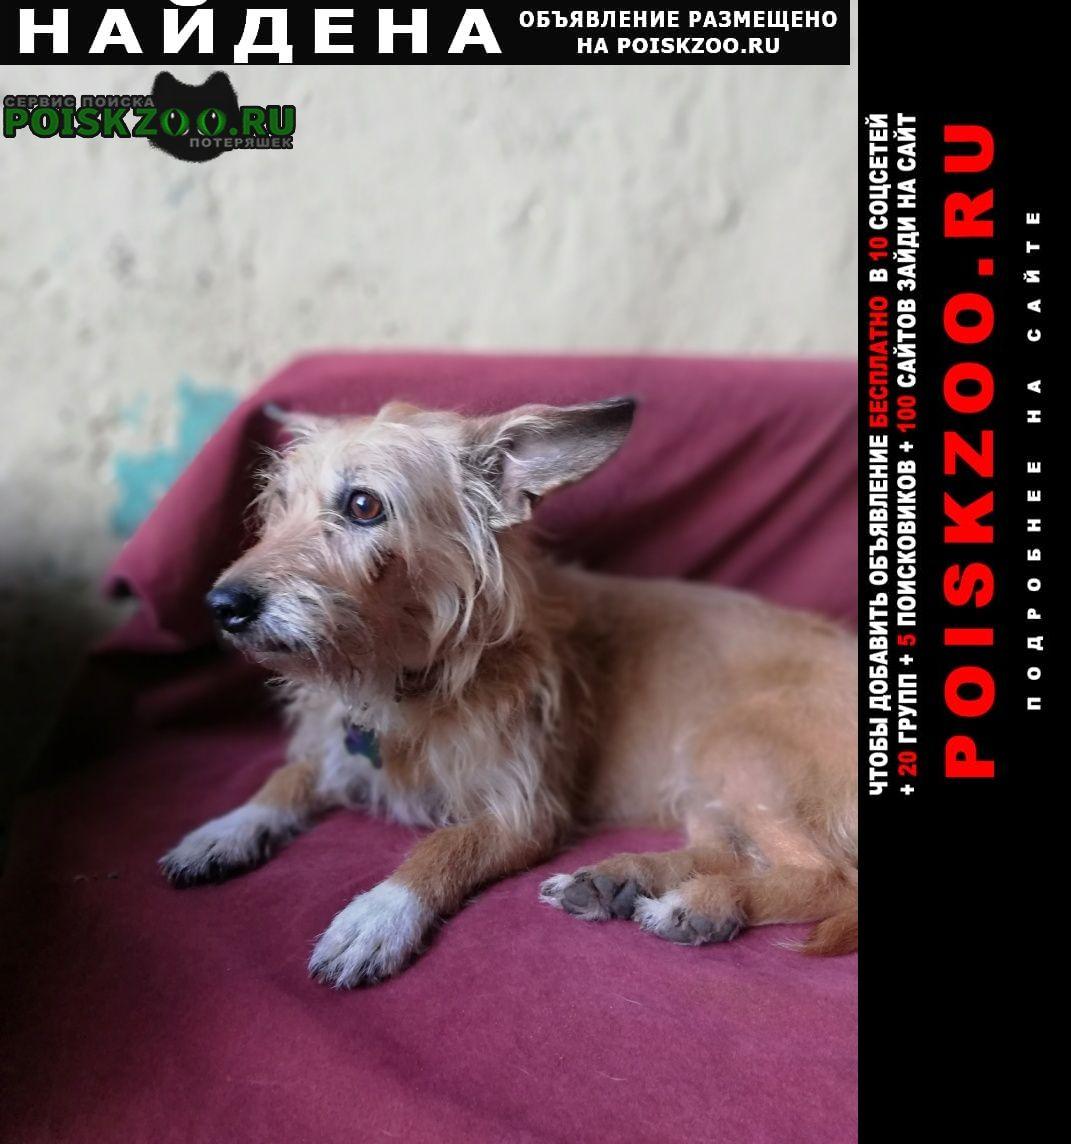 Найдена собака 13 июня 2021 Подольск